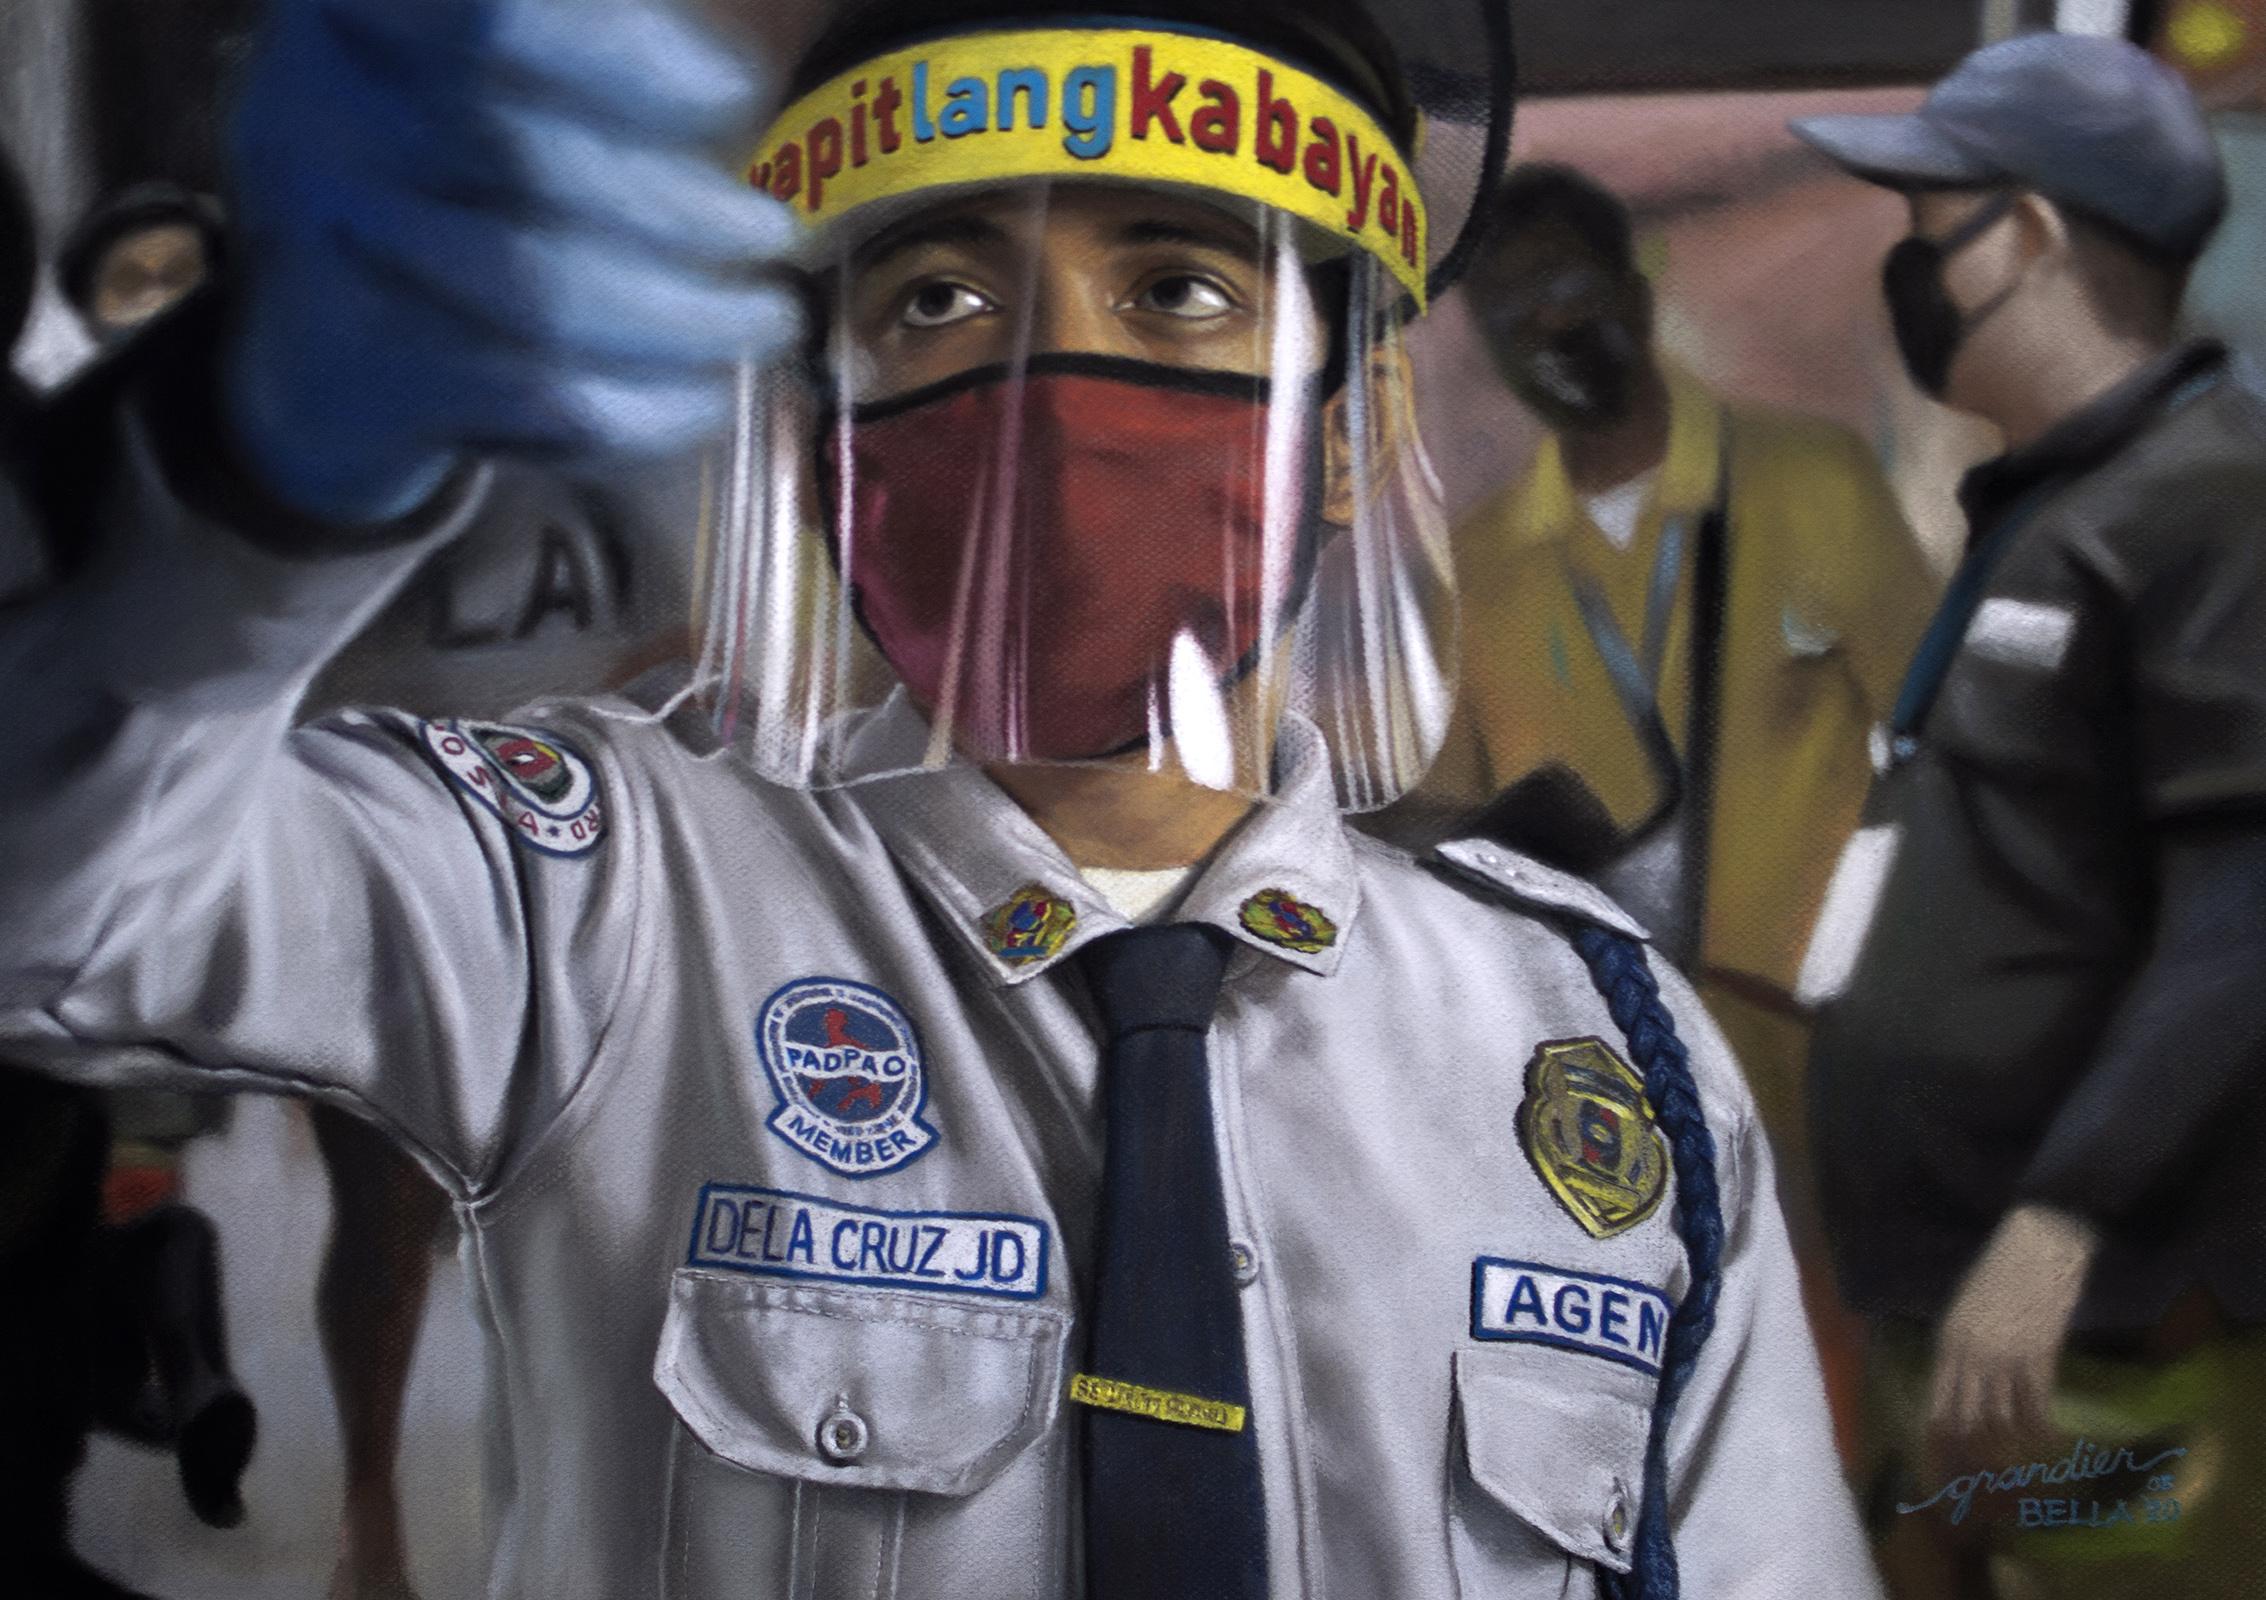 Treinta y Siete, Kabayan